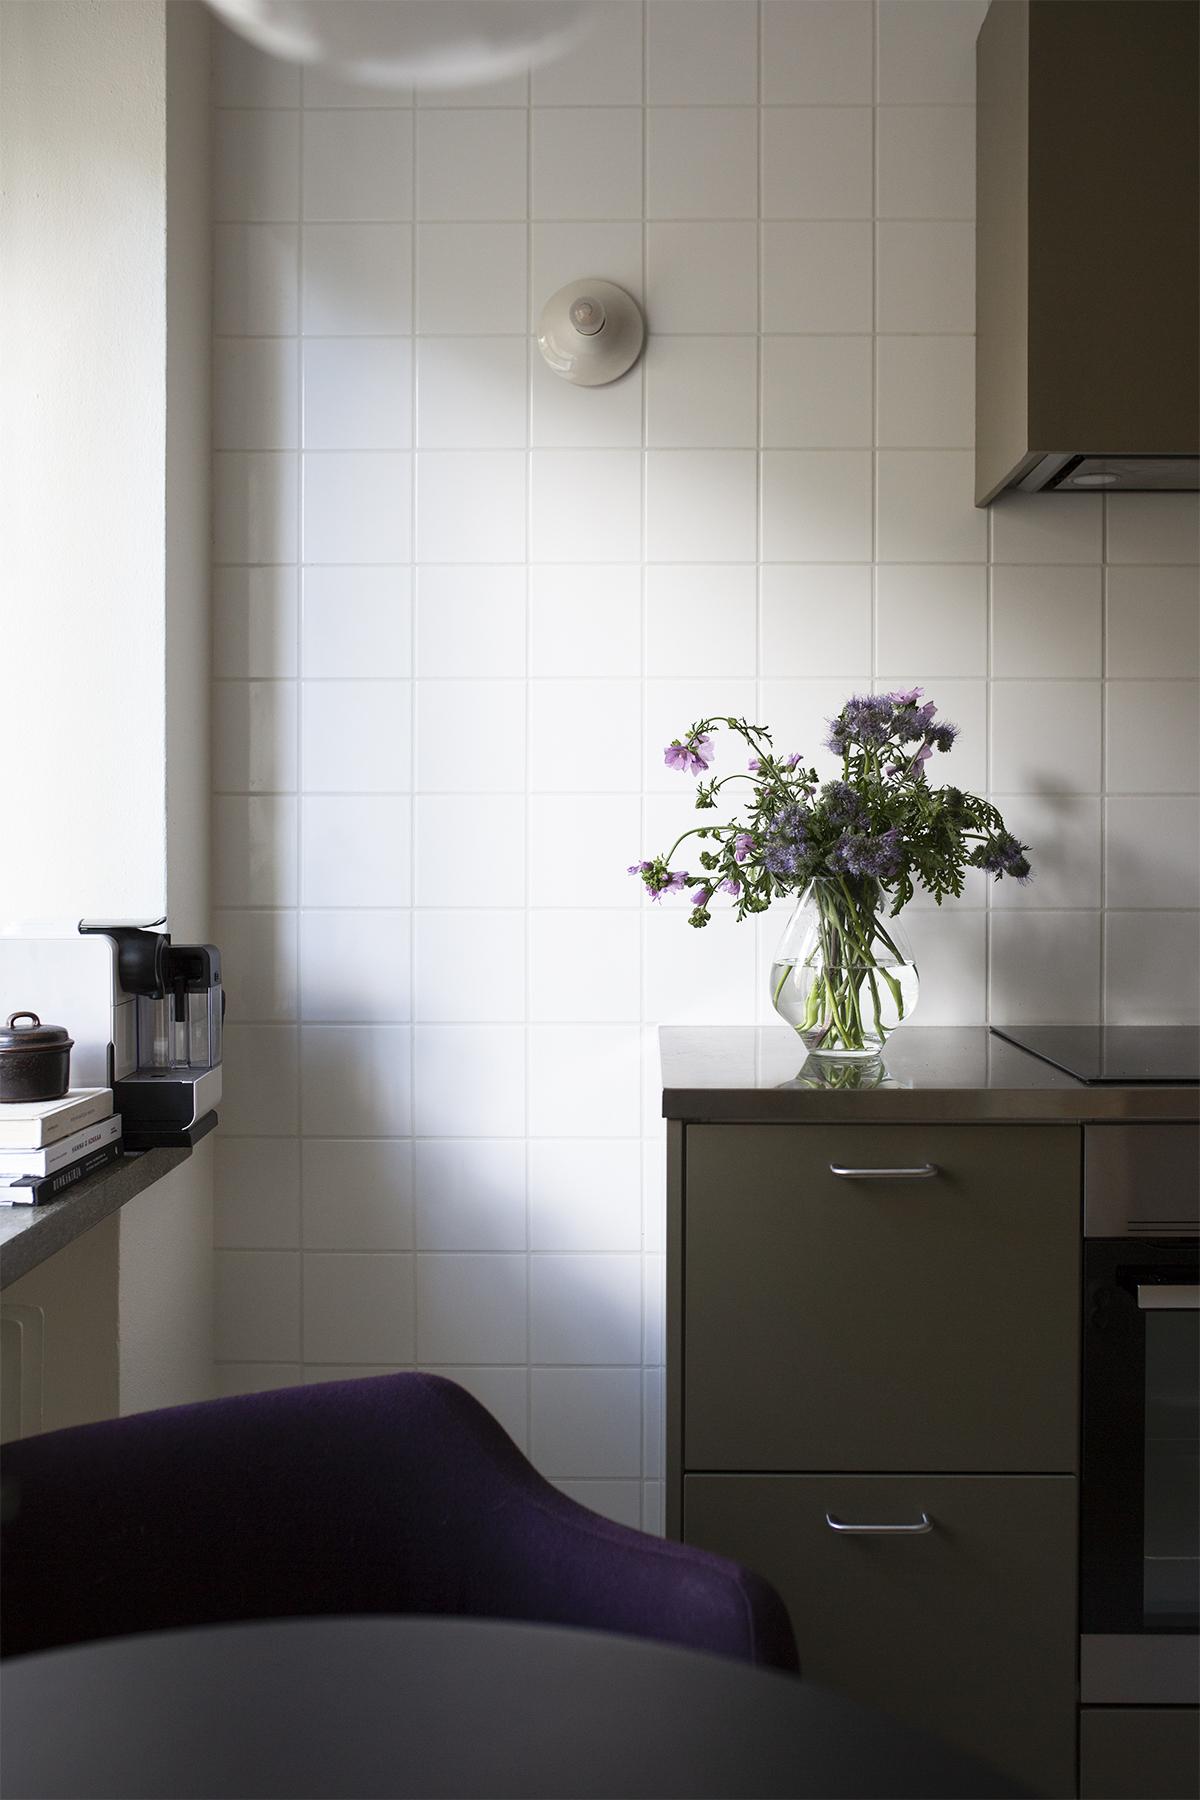 Kotona juuri nyt: luonnonkukkia ja uuden suunnittelua